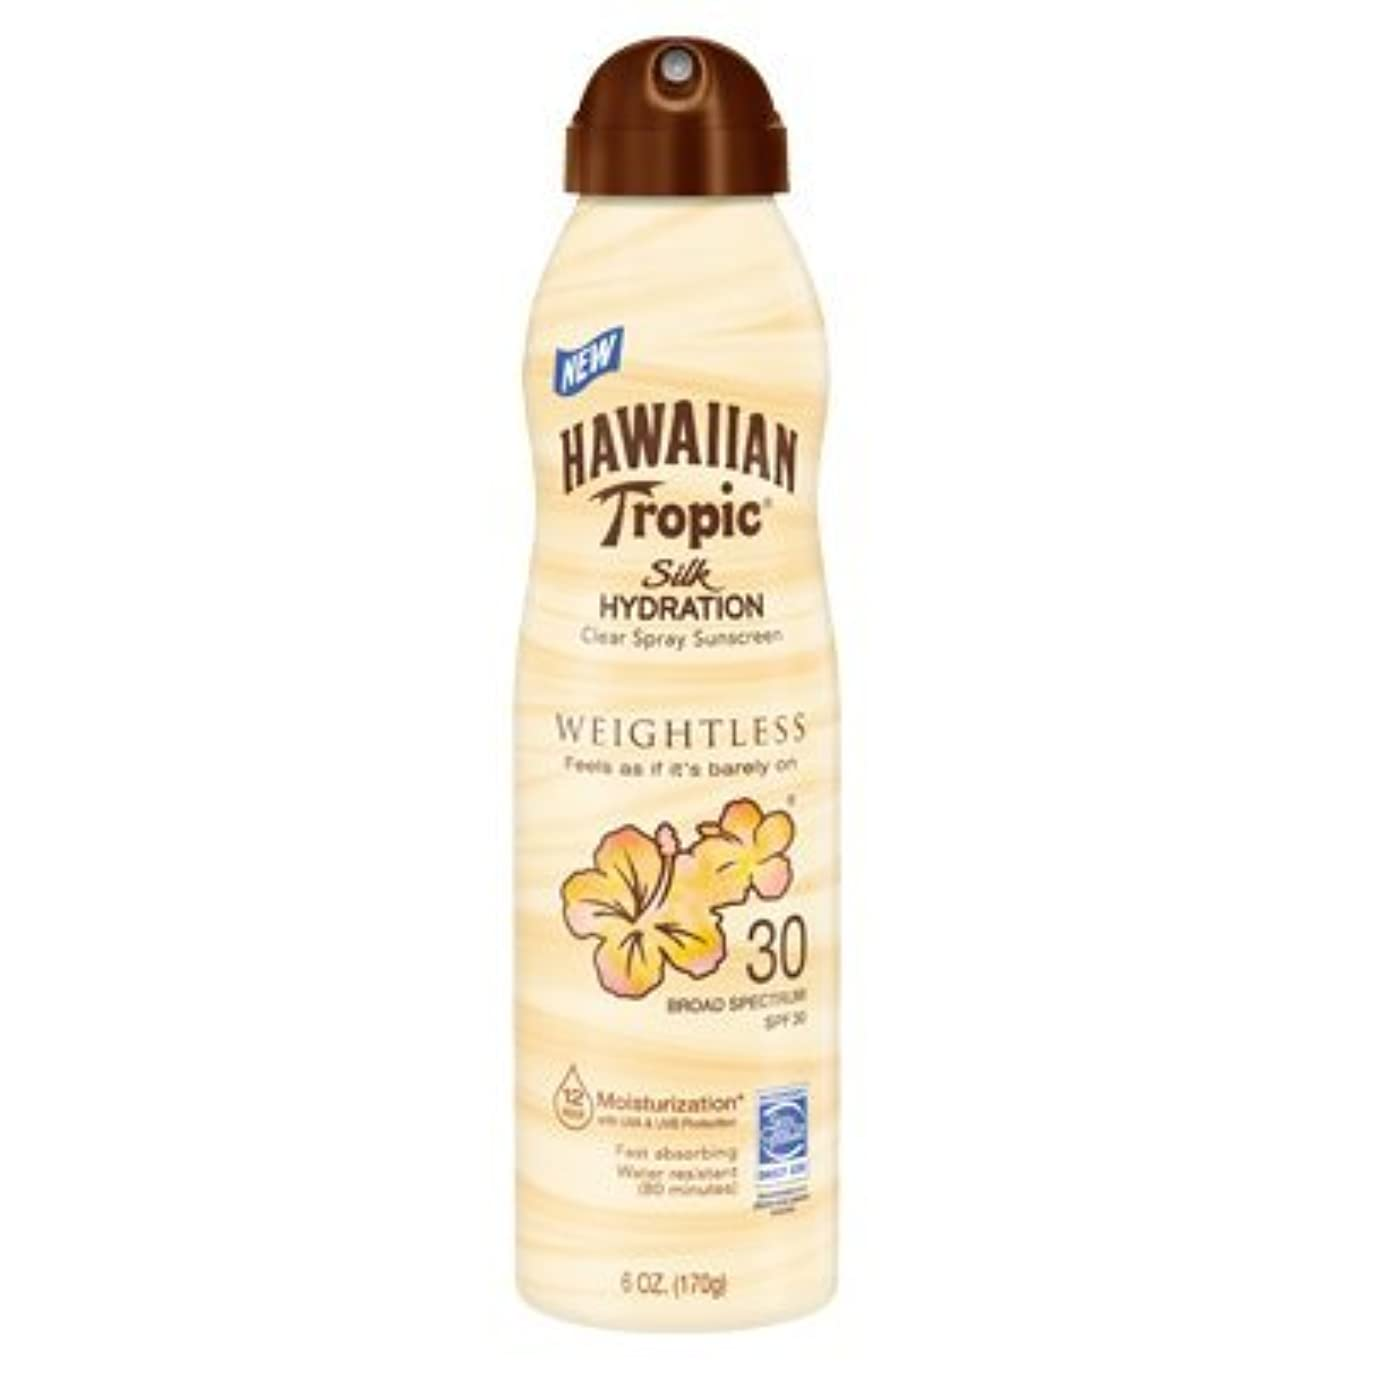 訴える毒問い合わせる【海外直送】ハワイアントロピック 12時間持続 日焼け止めミスト SPF30 (177ml) Hawaiian Tropic Silk Hydration Clear Mist Spray Sunscreen SPF 30, 6 fl oz